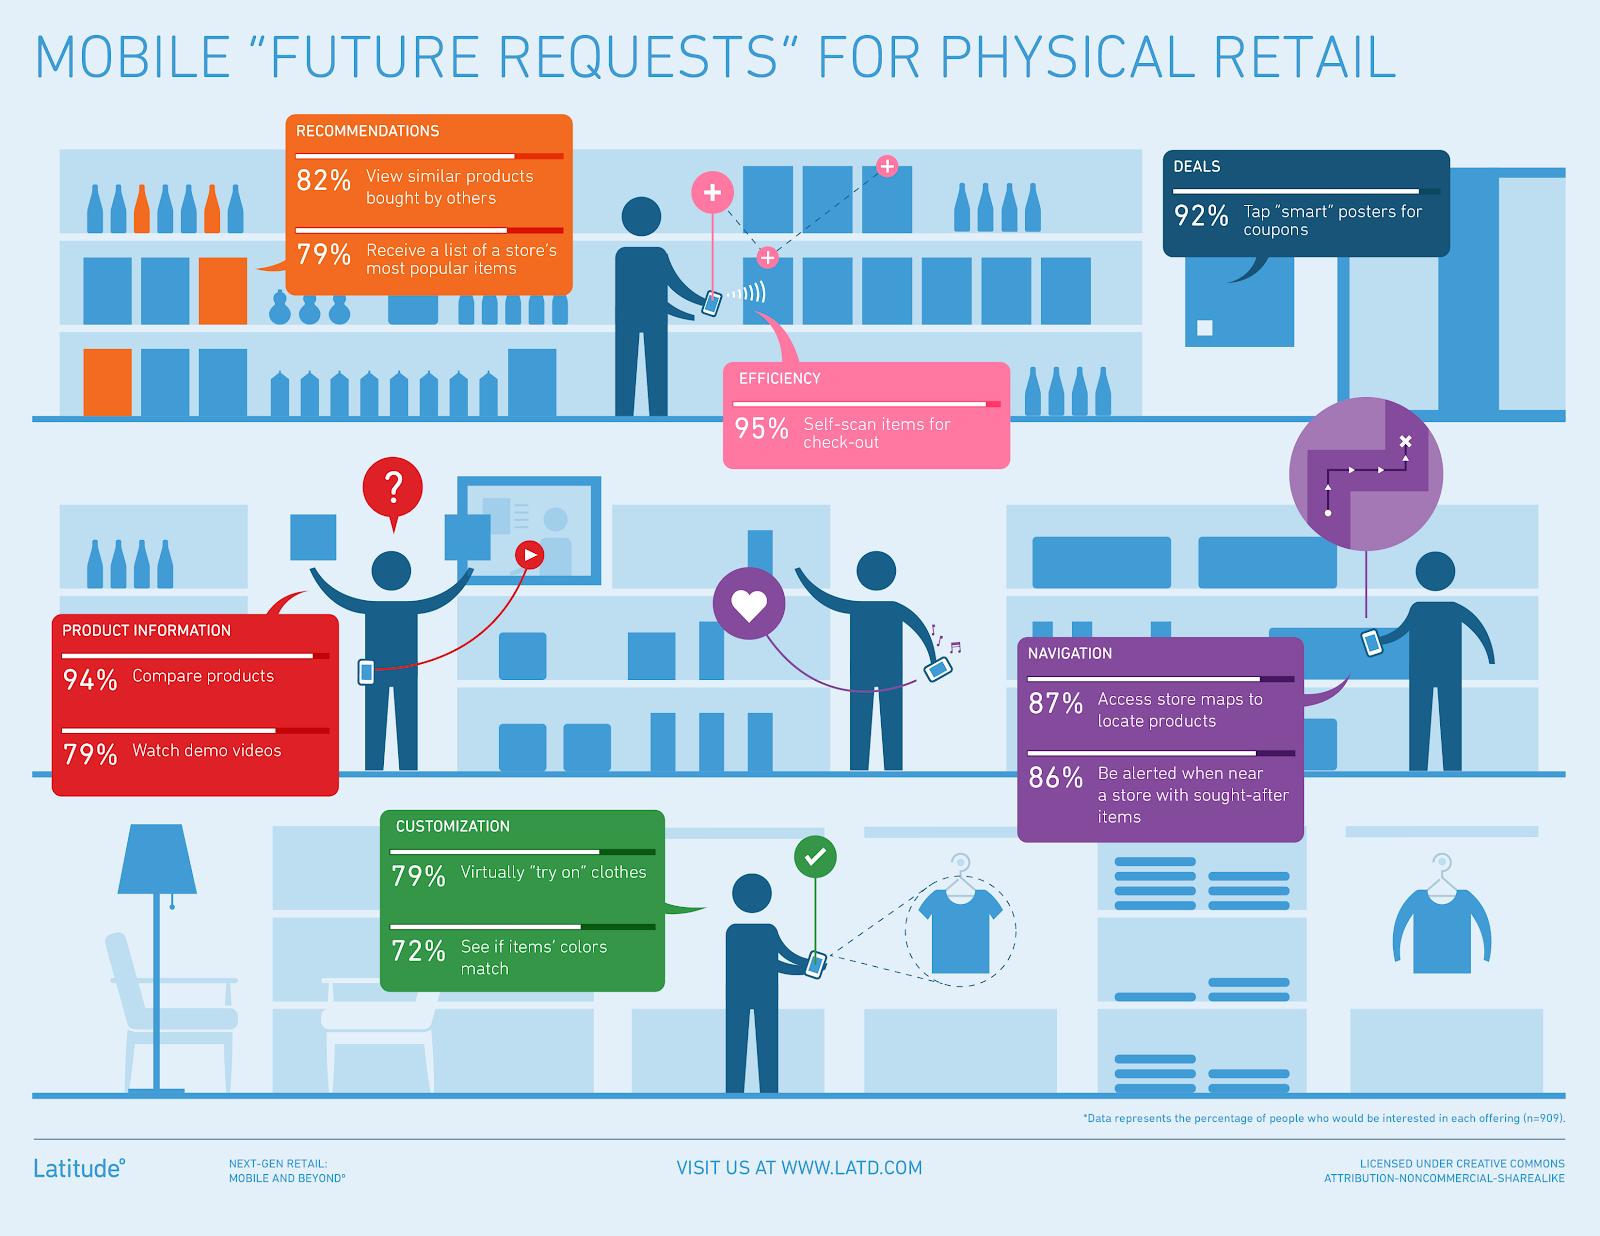 O varejo físico também vai ter que se adaptar ao novo comportamento do consumidor, se quiser sobreviver nos próximos anos